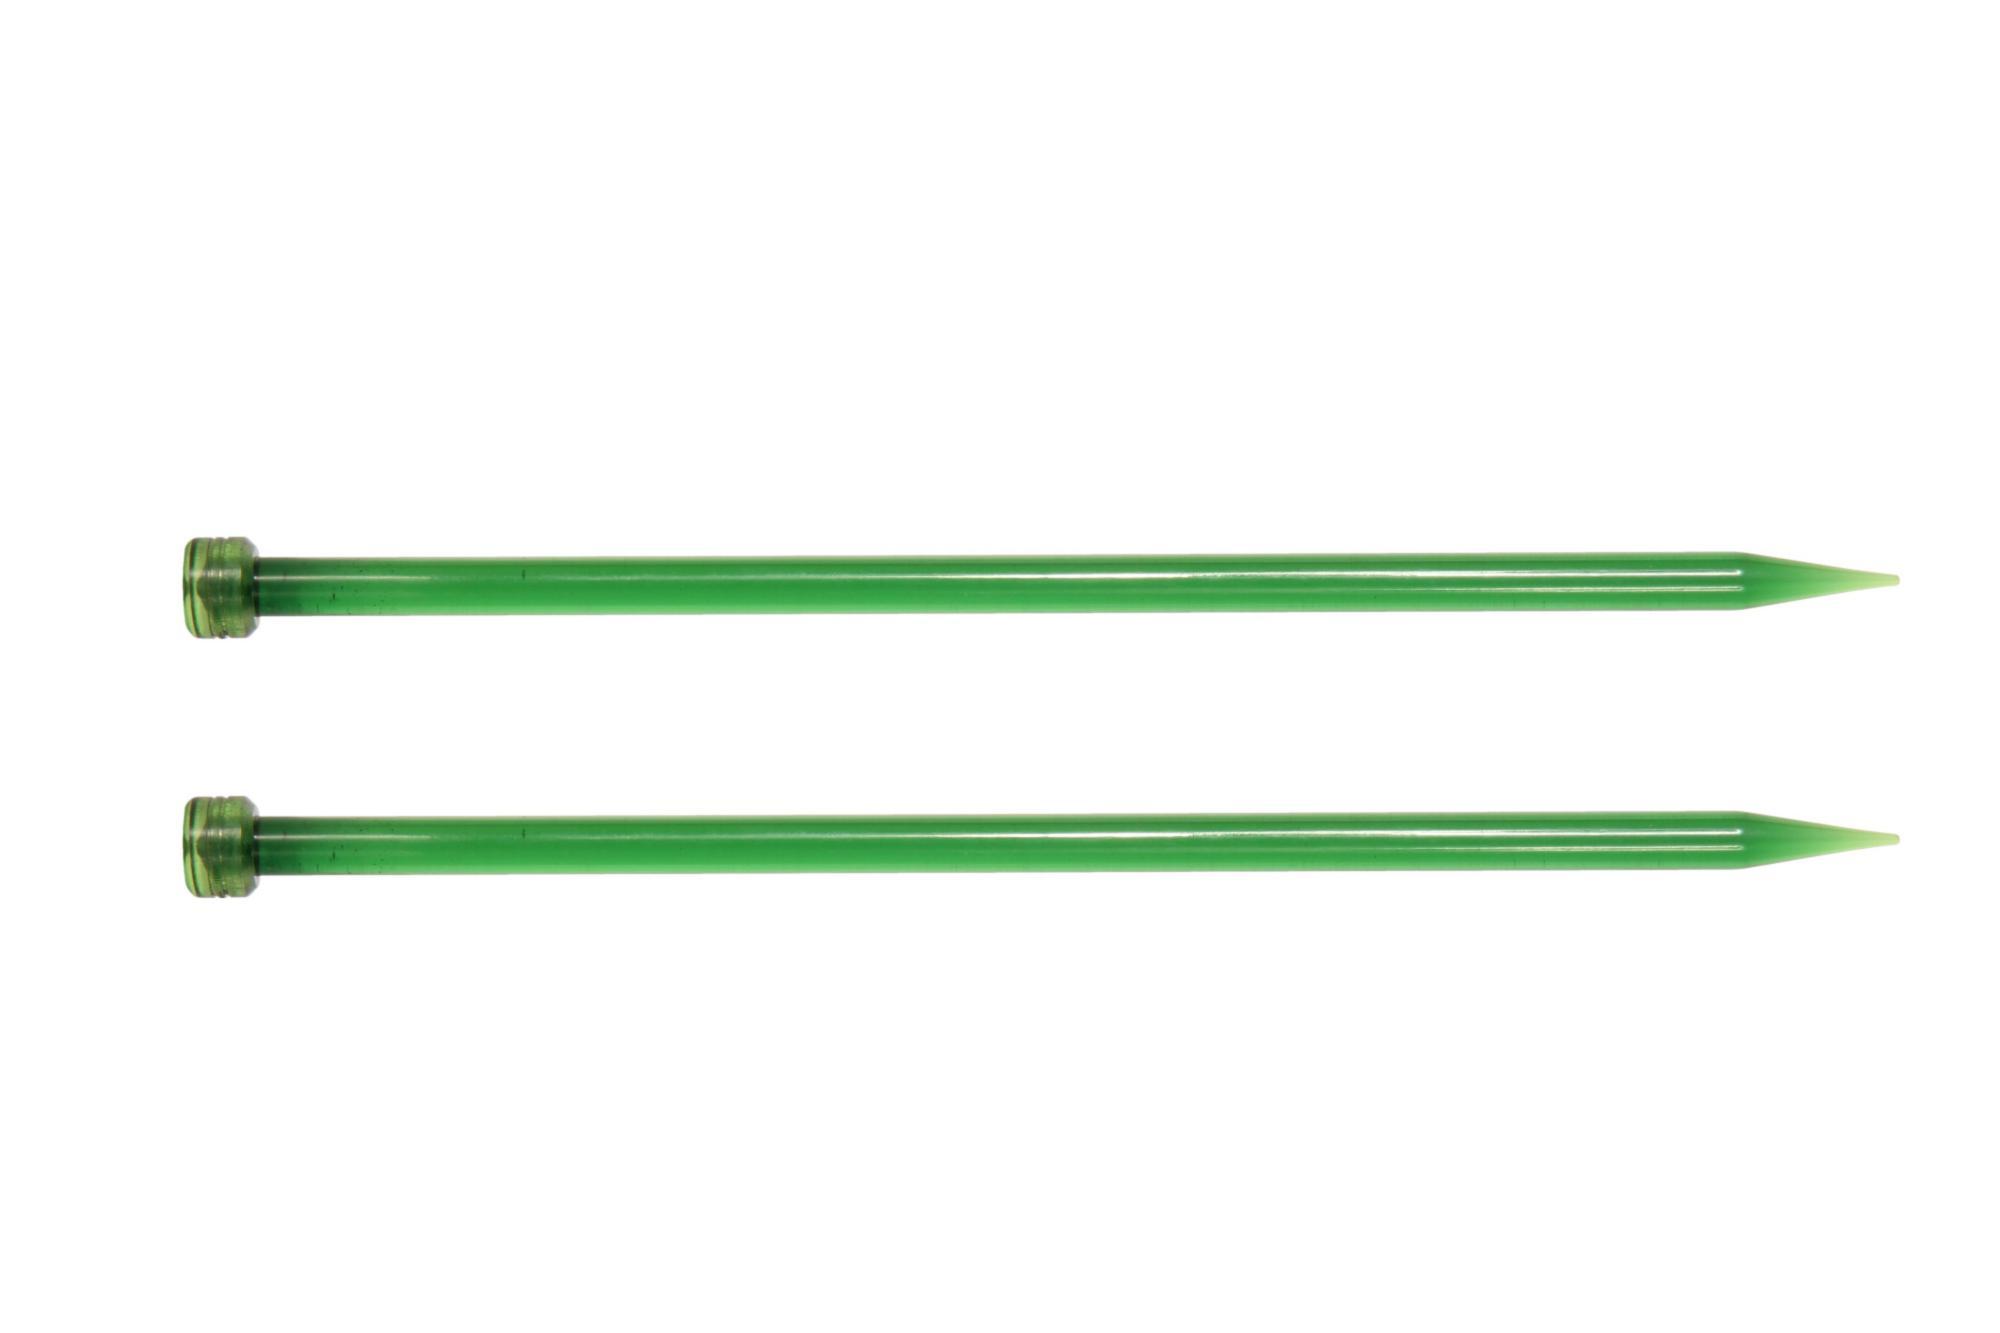 Спицы прямые 35 см Trendz KnitPro, 51217, 9.00 мм